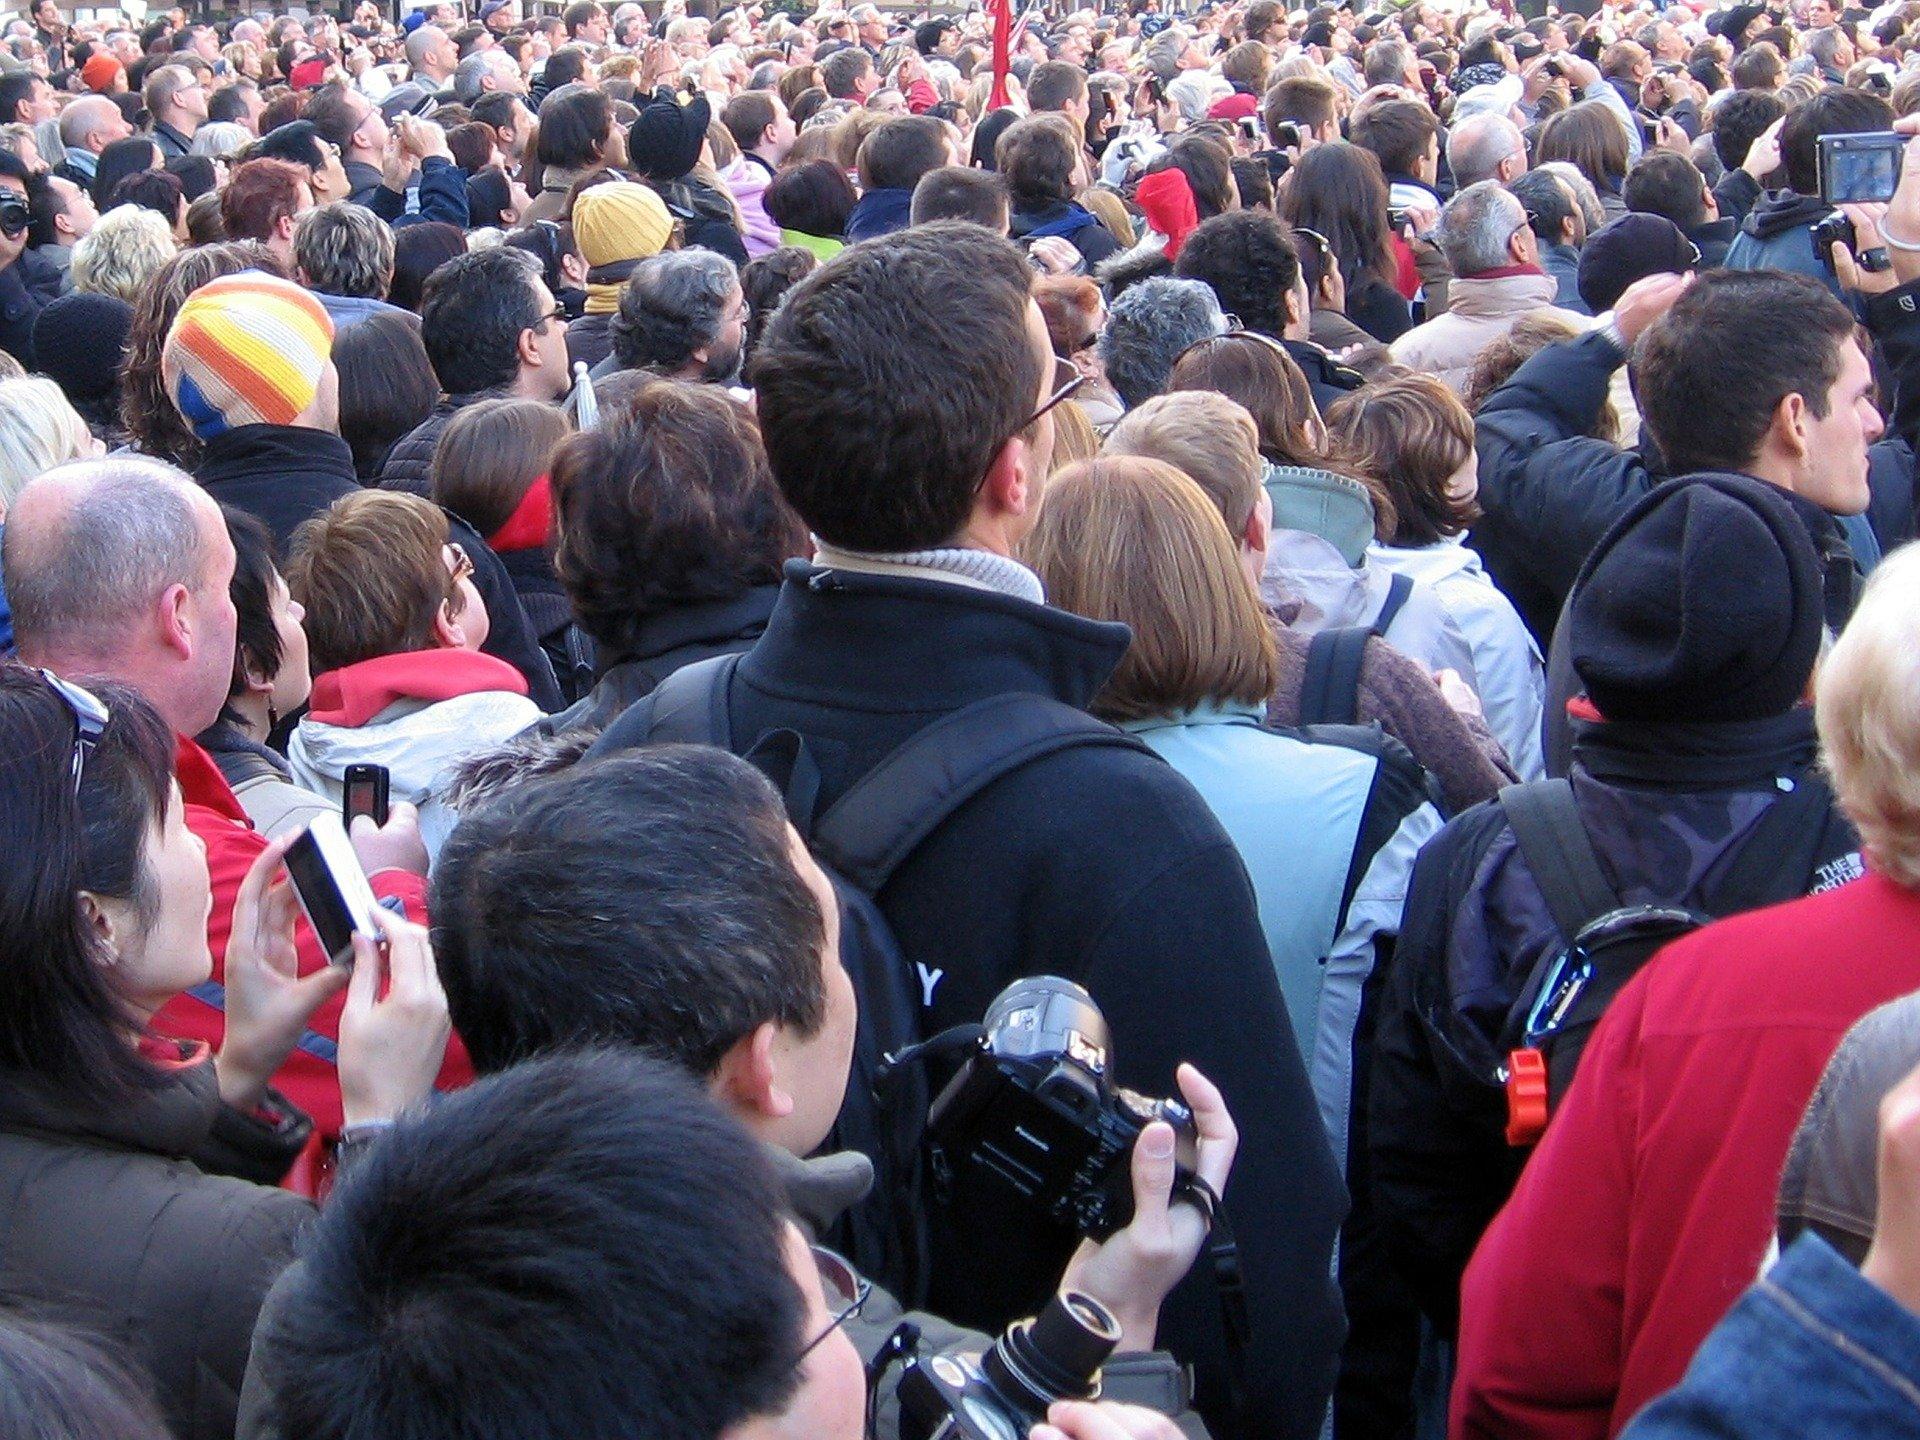 Bevolking groeit naar ruim 17,4 miljoen inwoners